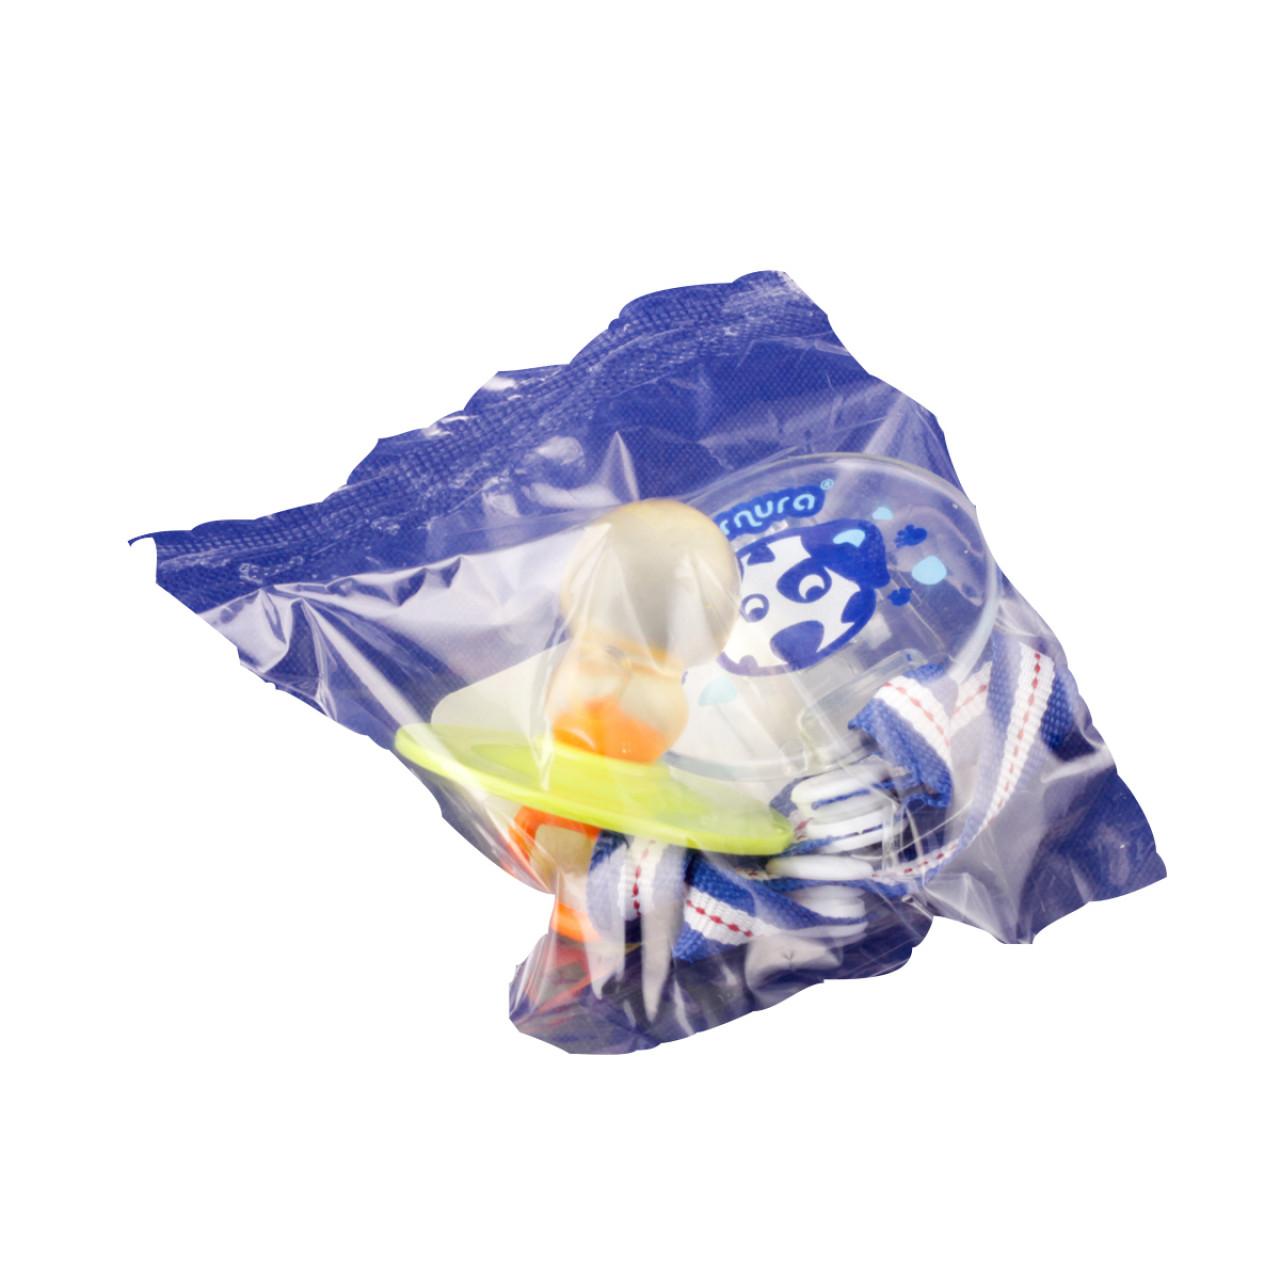 Comprar Chupon Ternura Clip/Asa C/Miel 1 Blister 1 Pieza